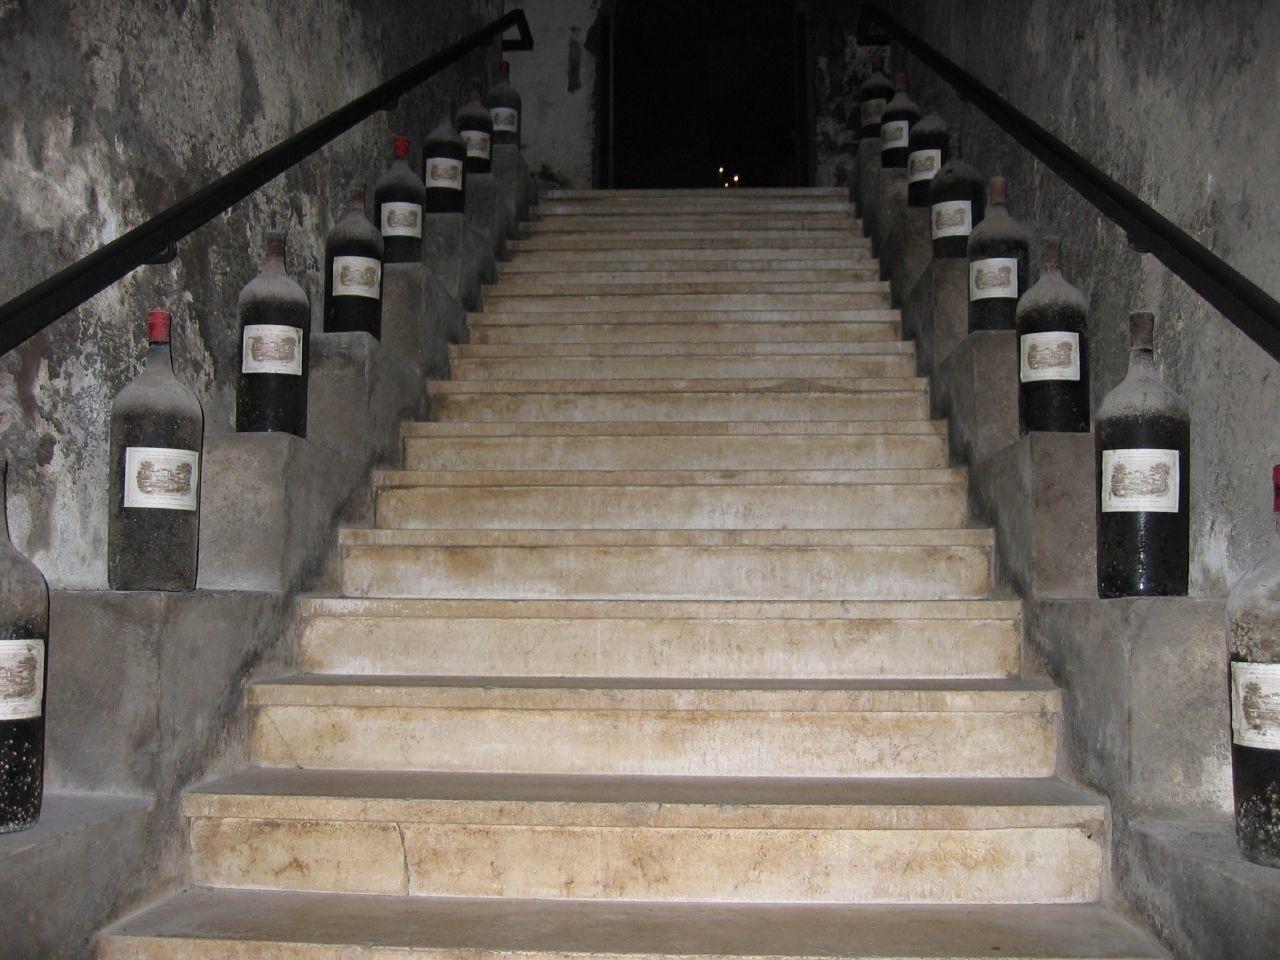 Ступени маршевой лестницы.